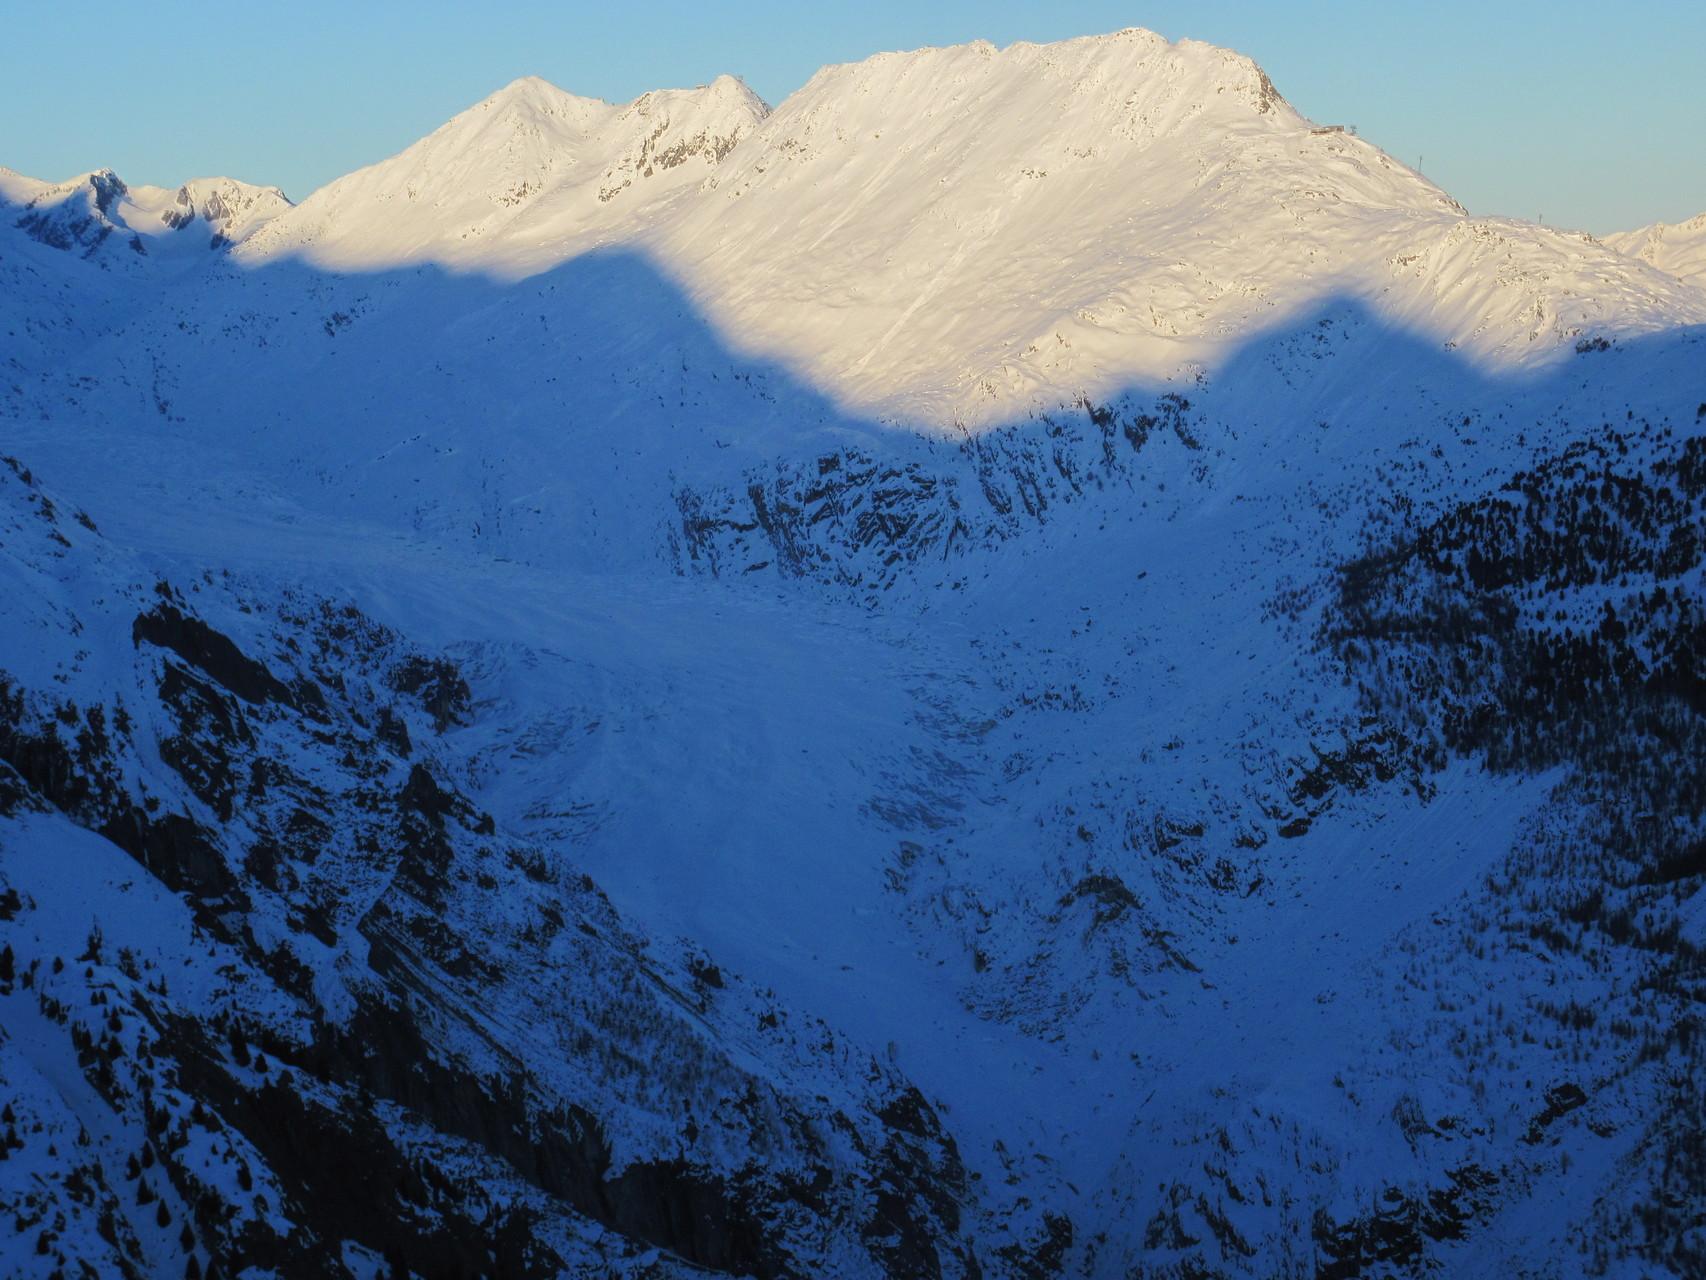 Der Grosse Aletschgletscher bereits im Schatten